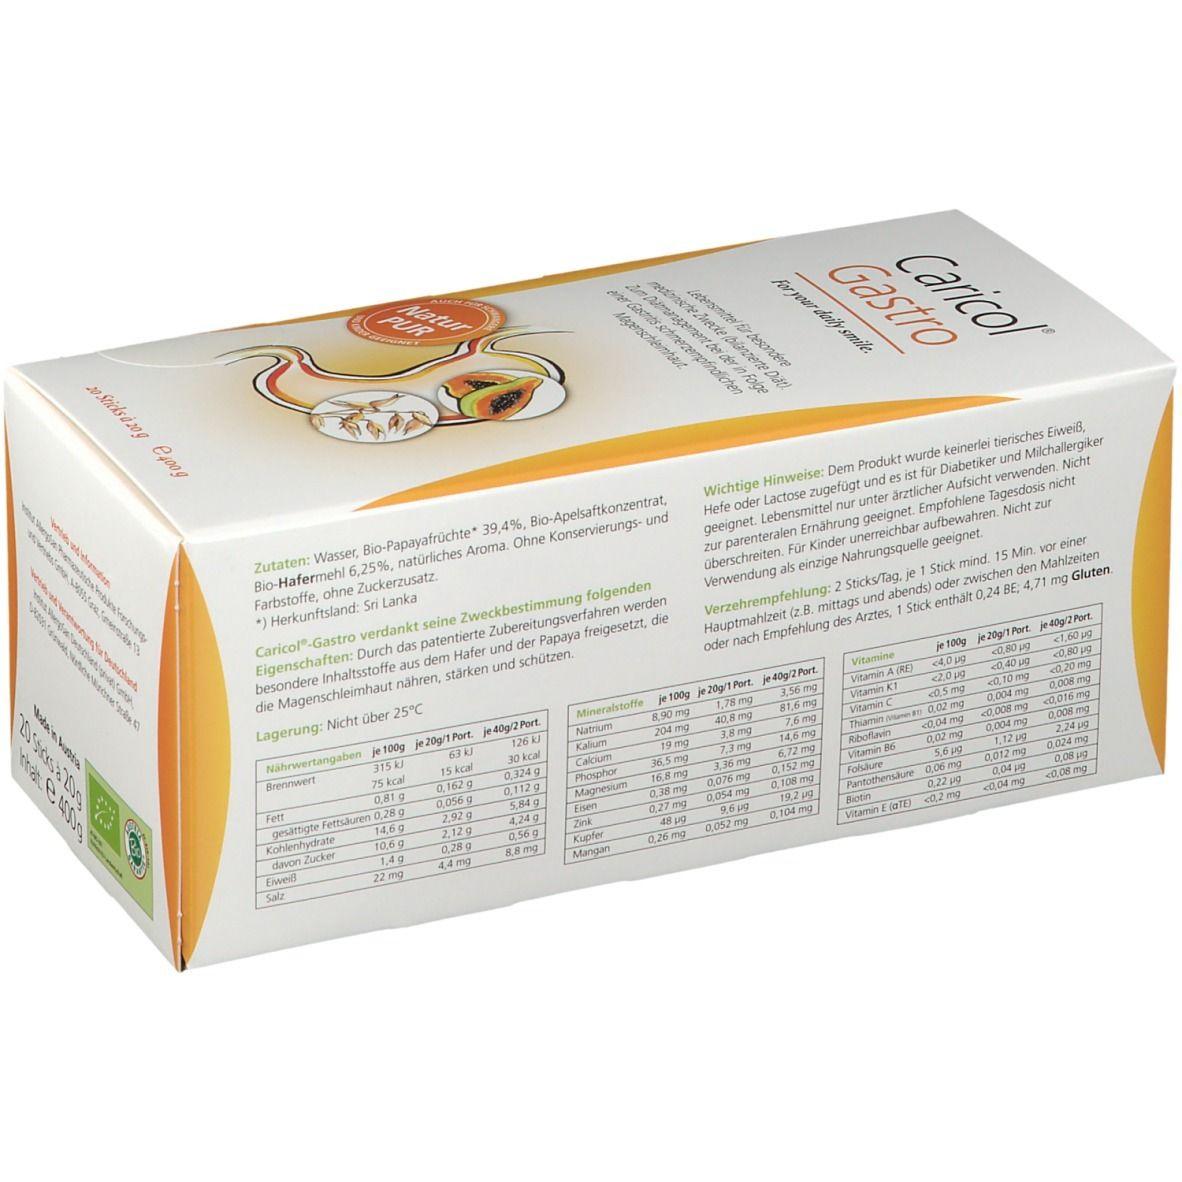 Caricol® Gastro